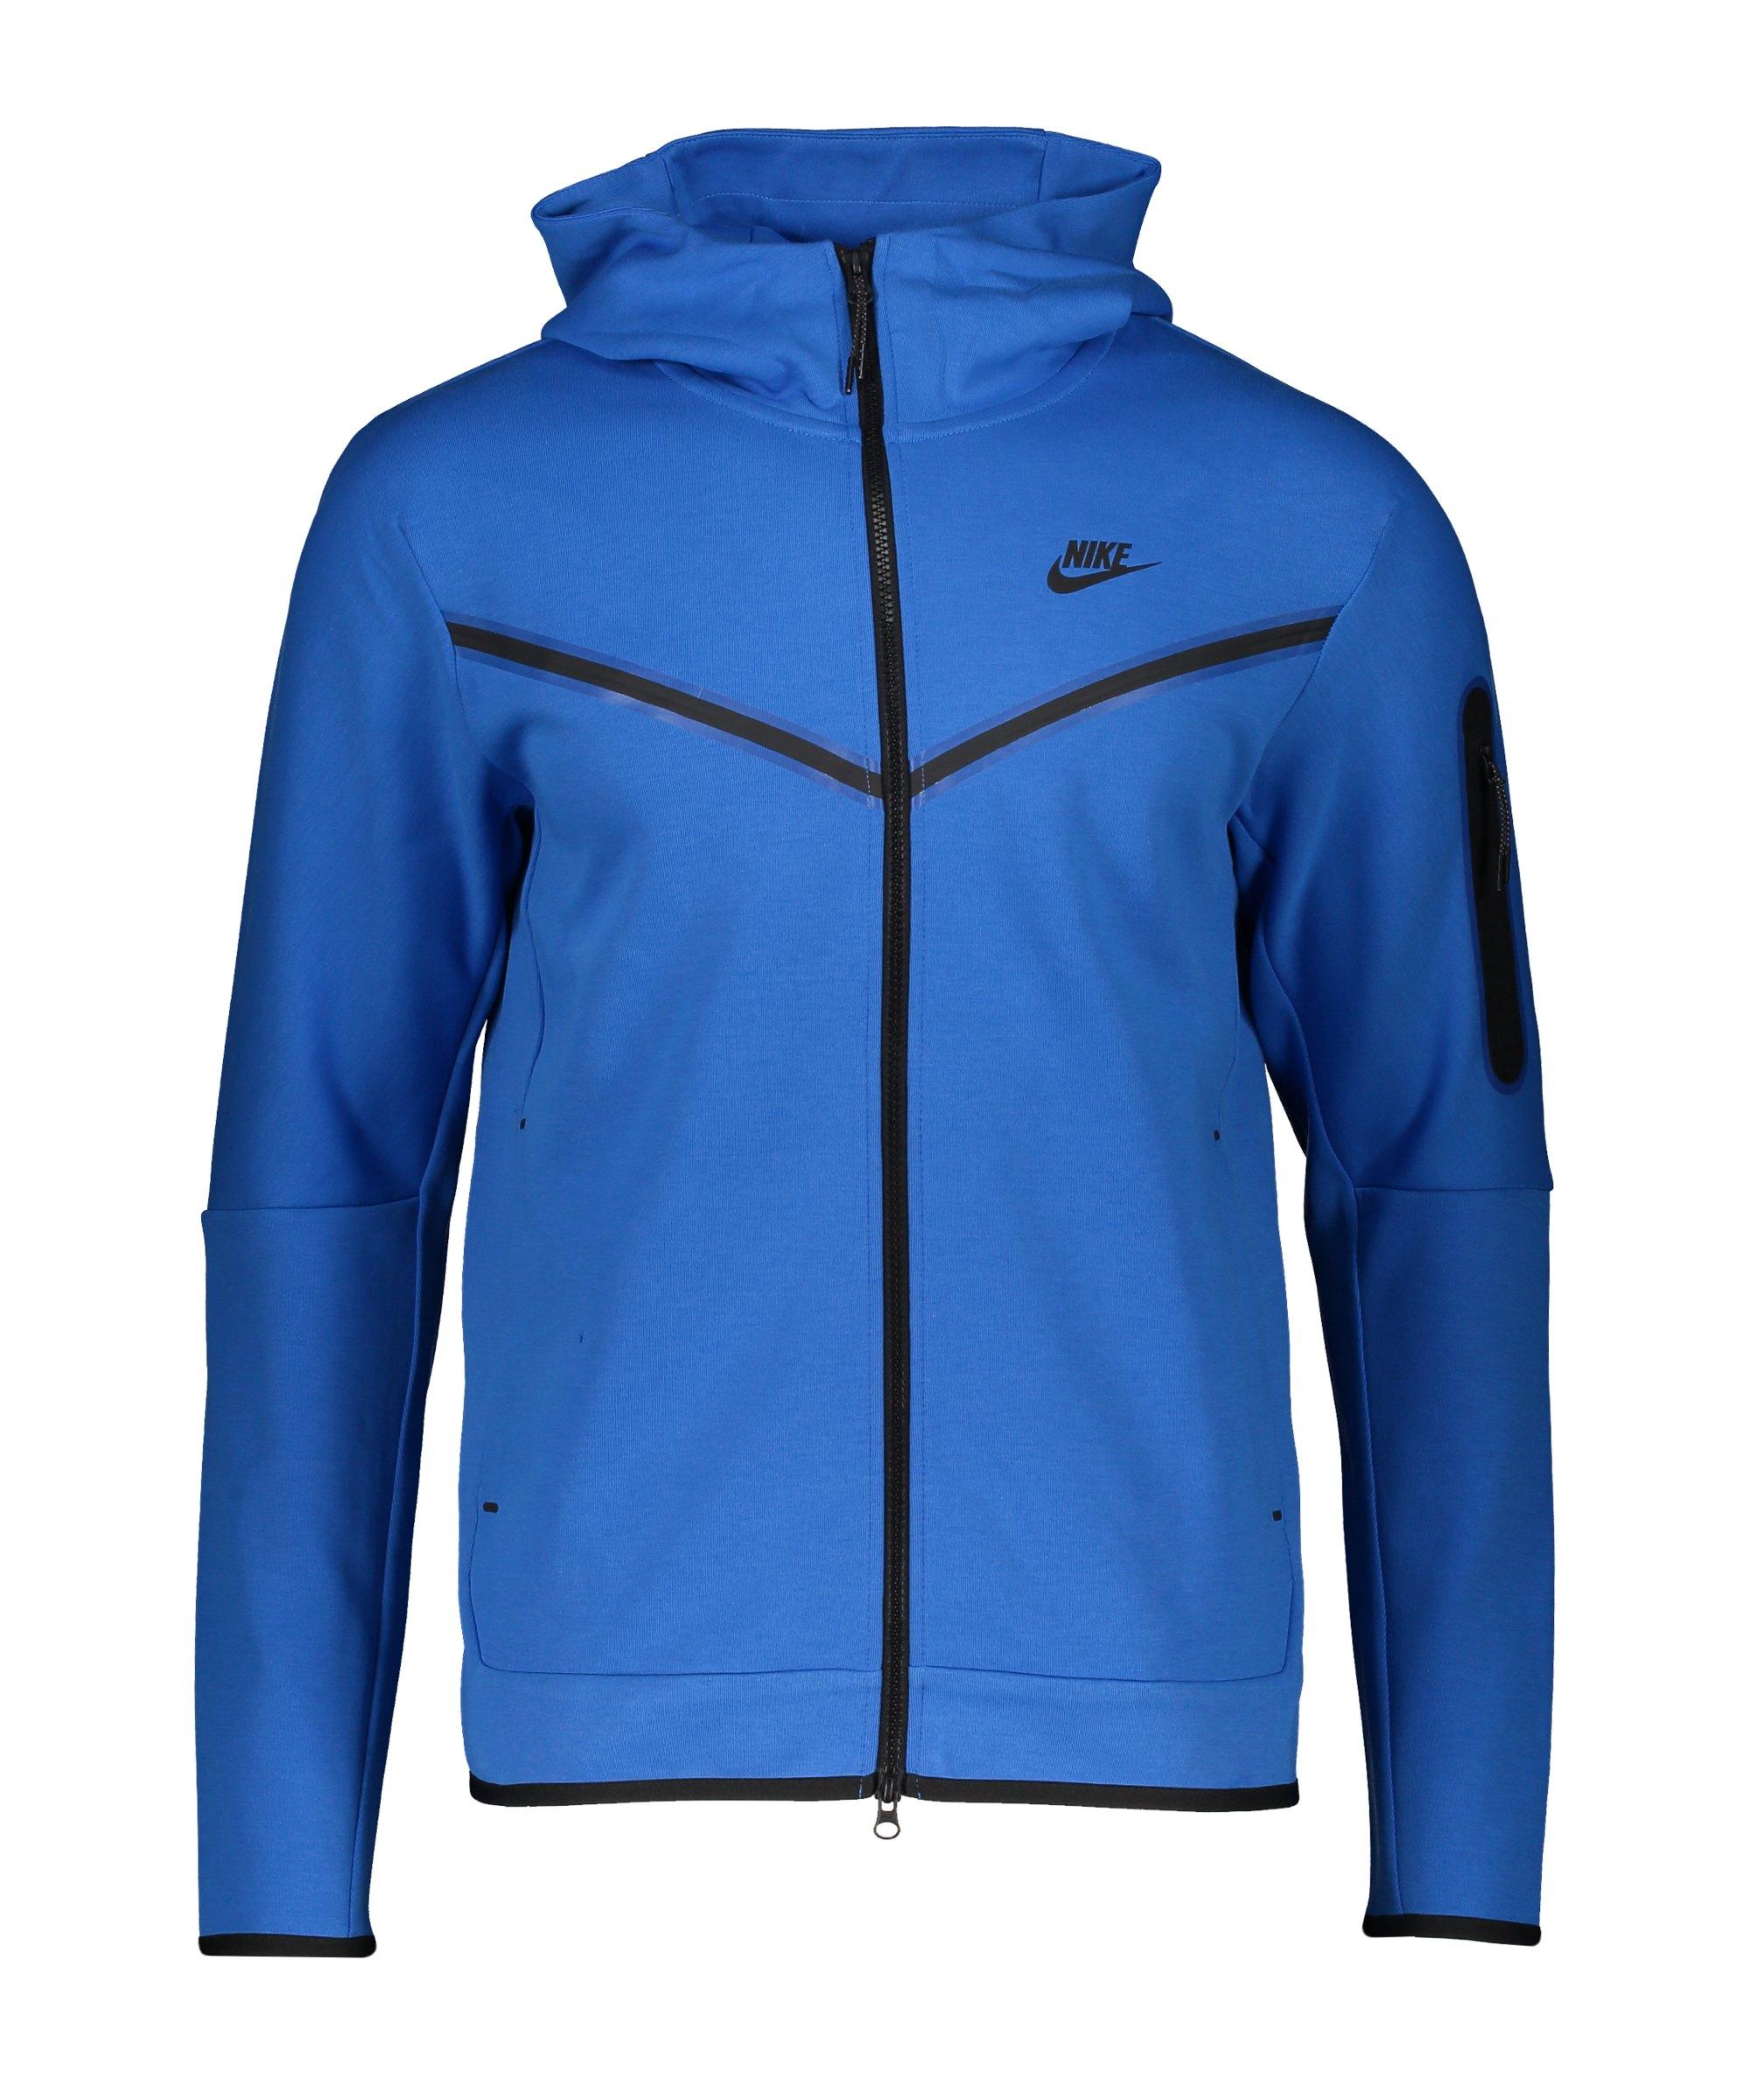 Nike Tech Fleece Windrunner Blau Schwarz F403 - blau